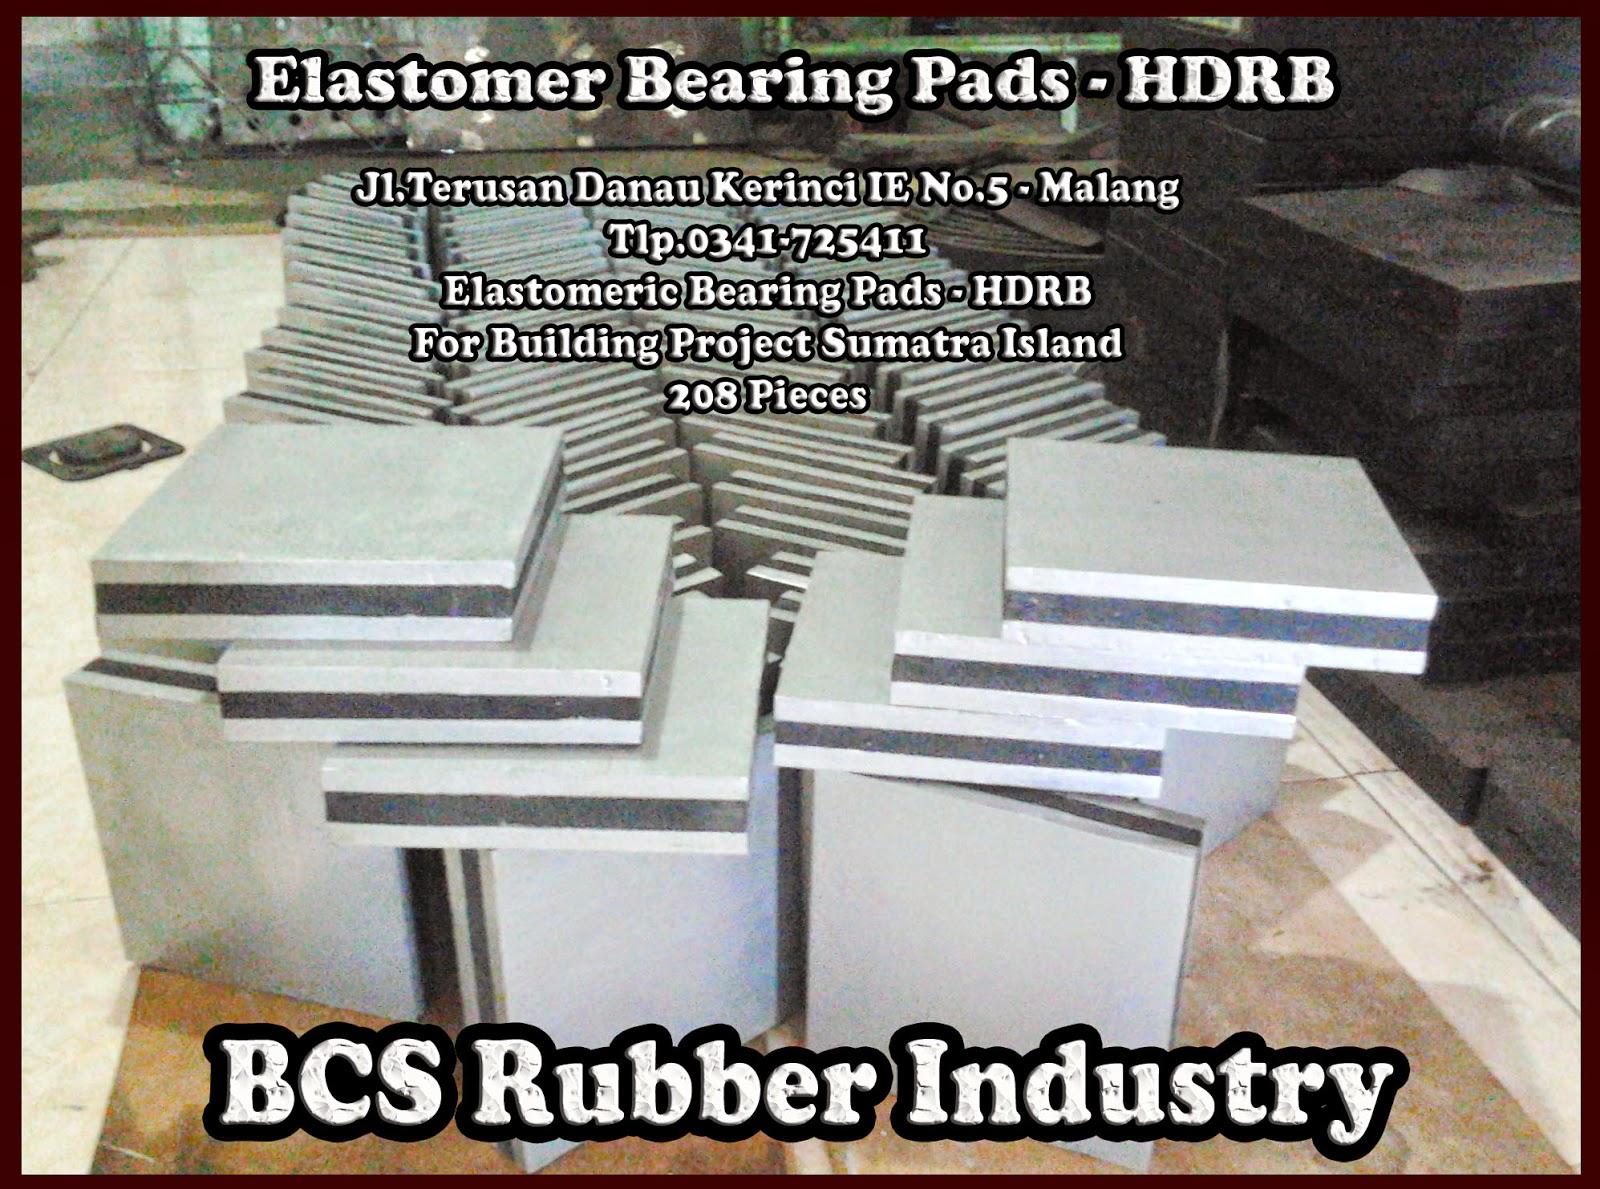 Elastomeric Bearing Pads + Abutment,Bantalan jembatan,karet bantalan jembatan